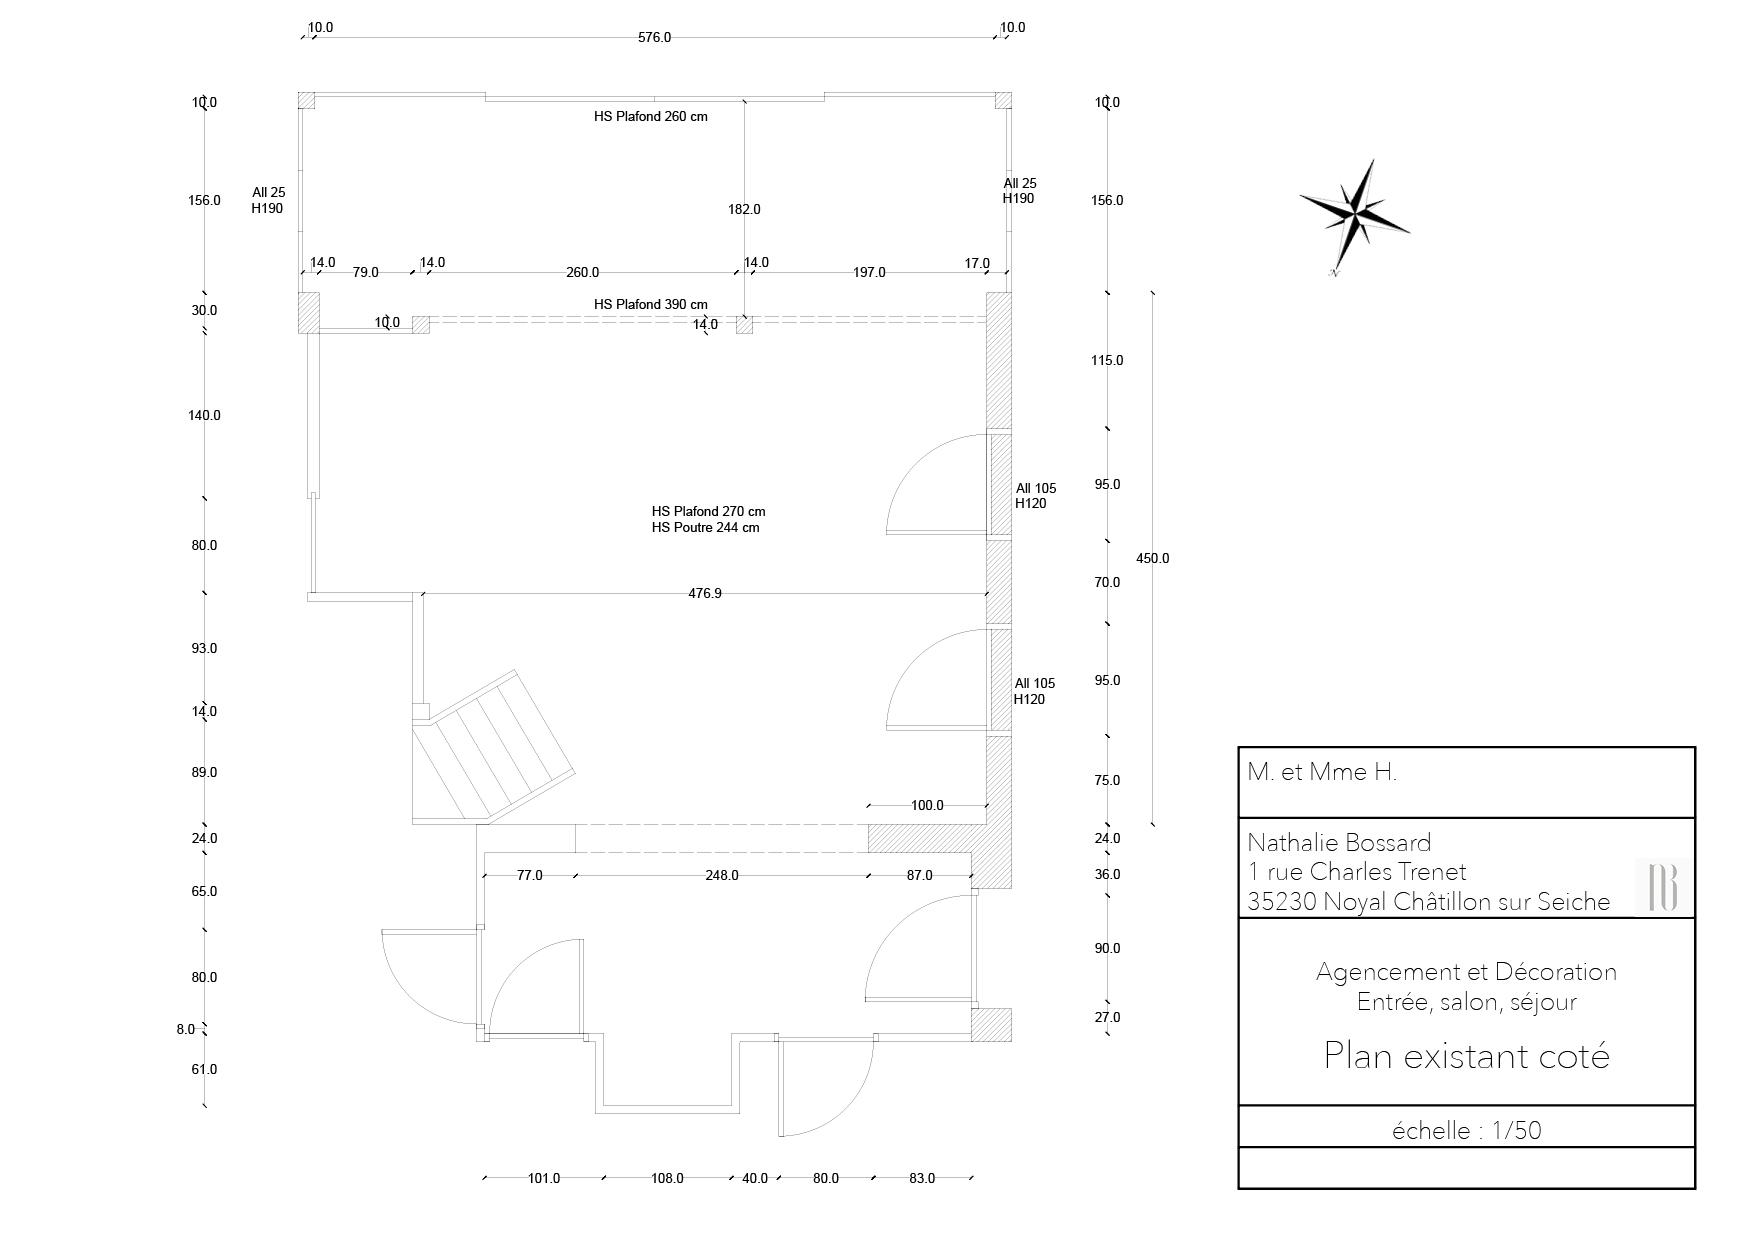 Nathalie Bossard décoration architecture intérieur Rennes 35 UFDI-390 Book déco maison individuelle bretagne sud 2019 plan existant coté